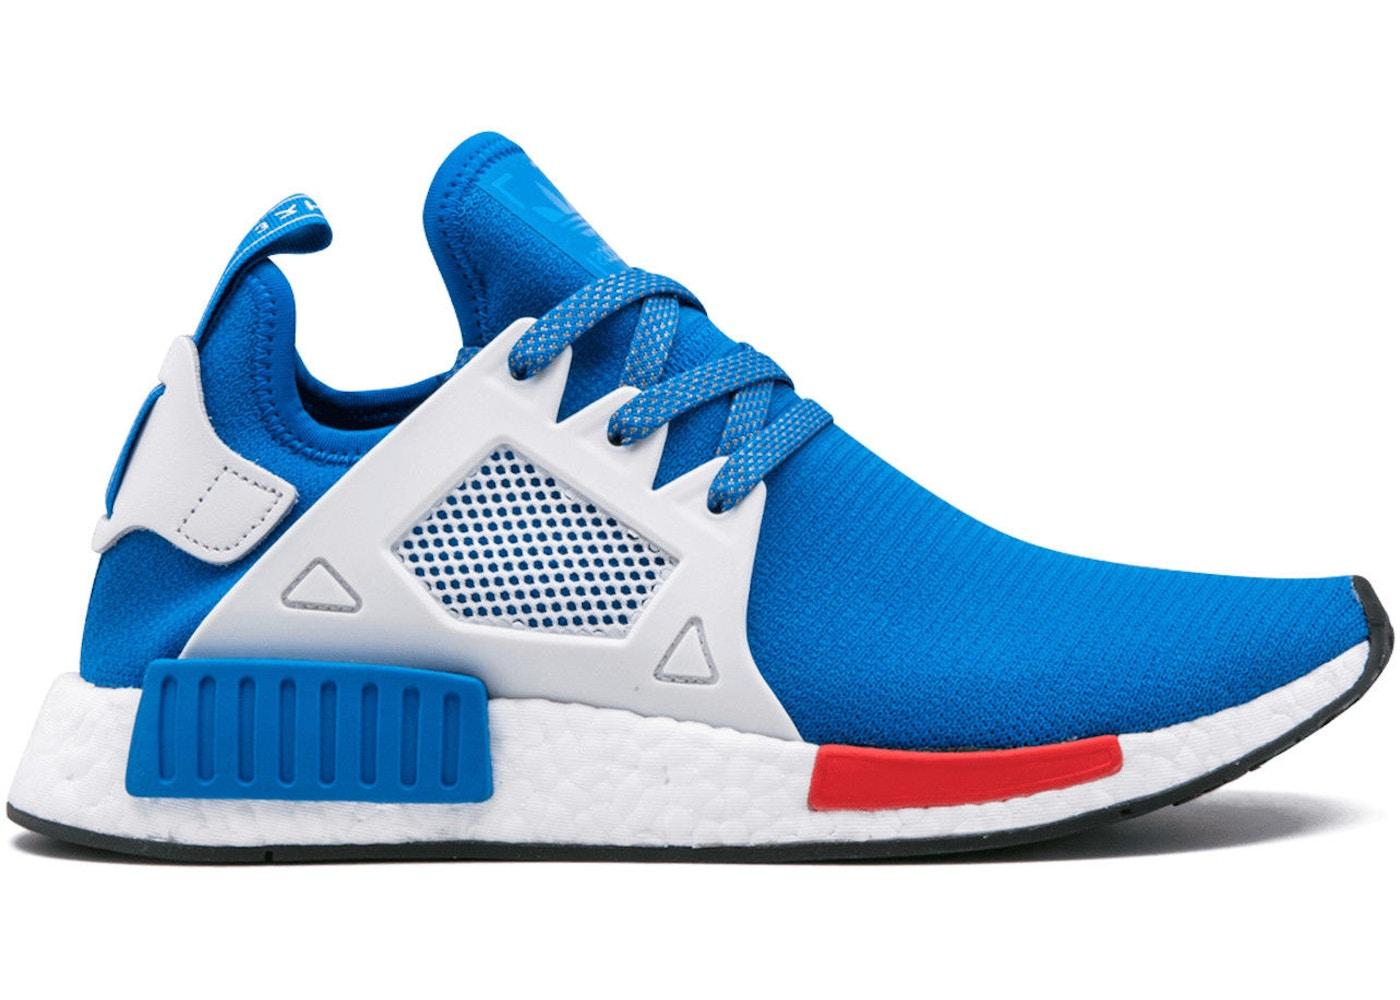 adidas nmd rx1